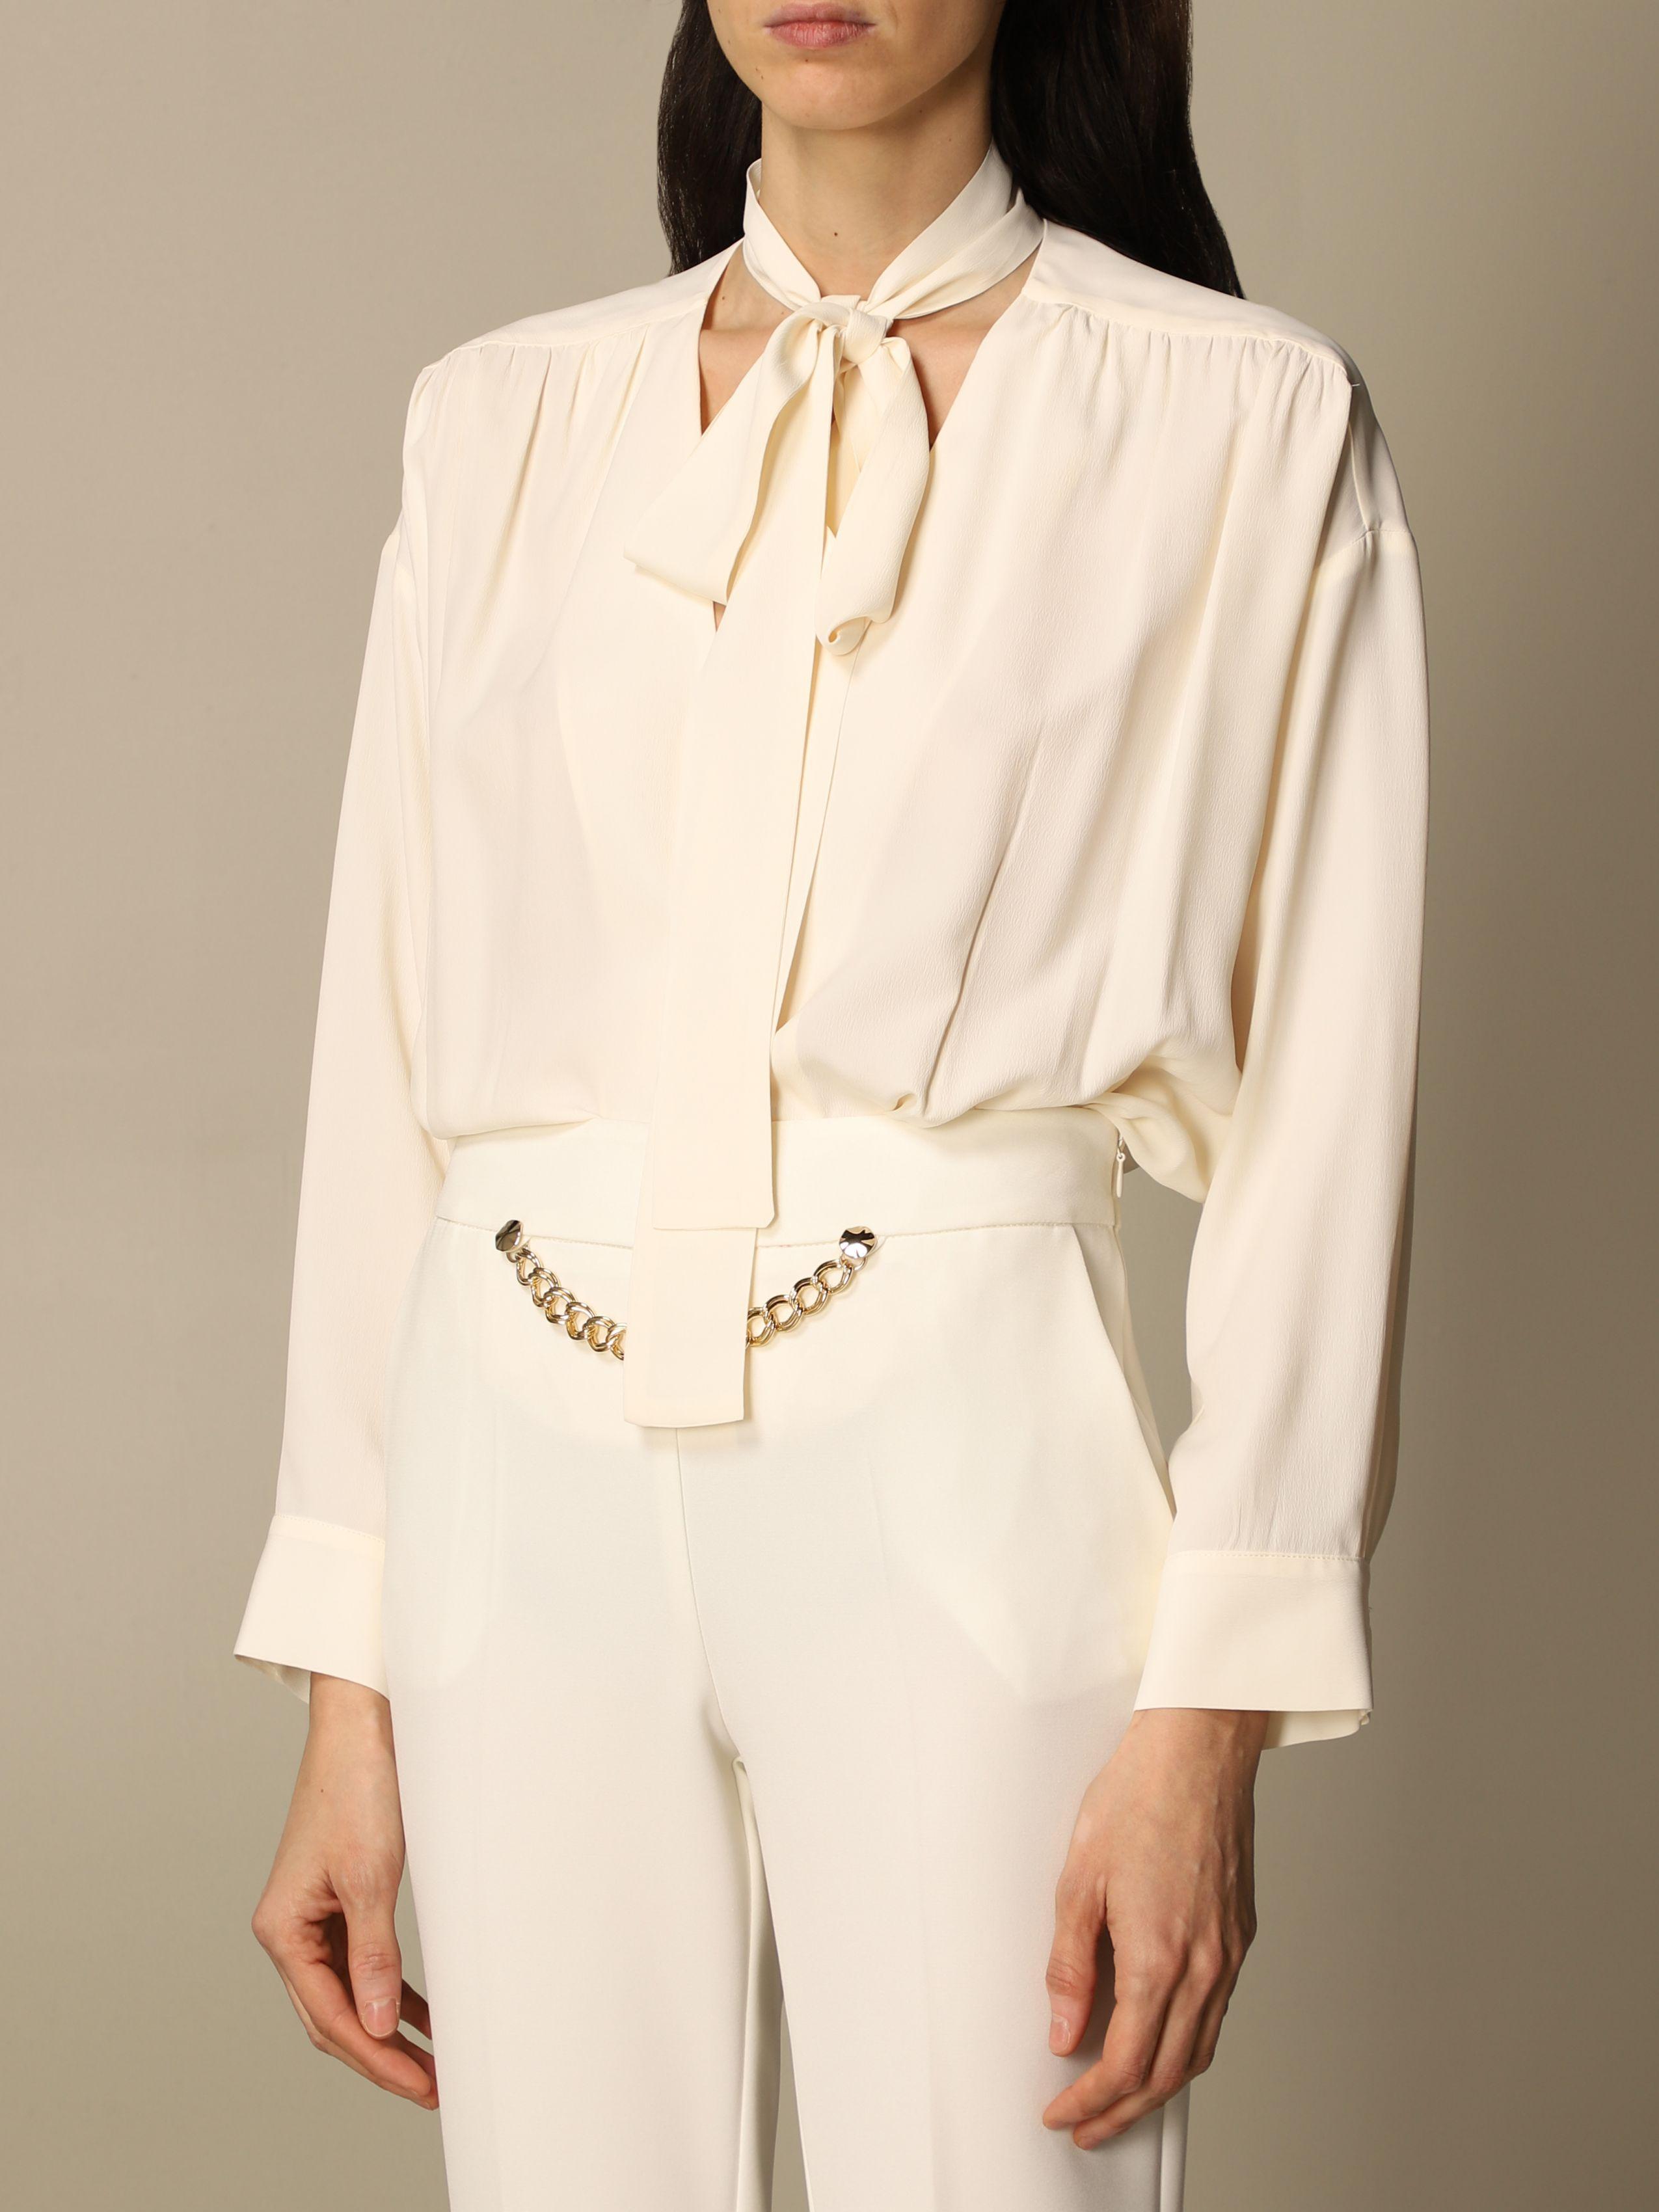 Blusa body lola simona corsellini SIMONA CORSELLINI | Bluse | P21CPBD0050359